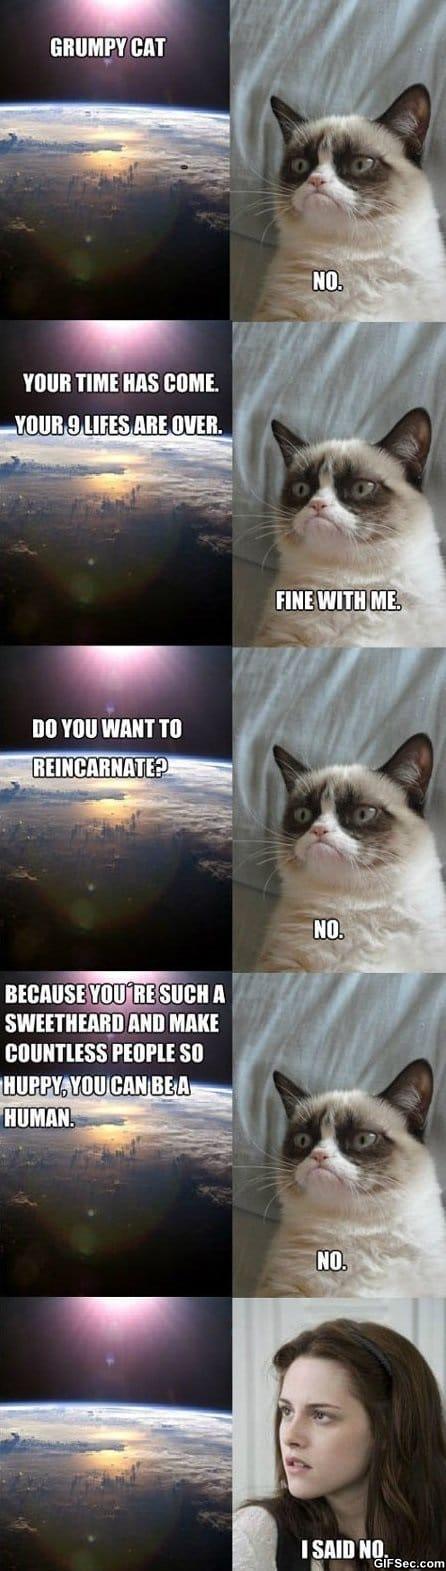 memes-grumpy-cat